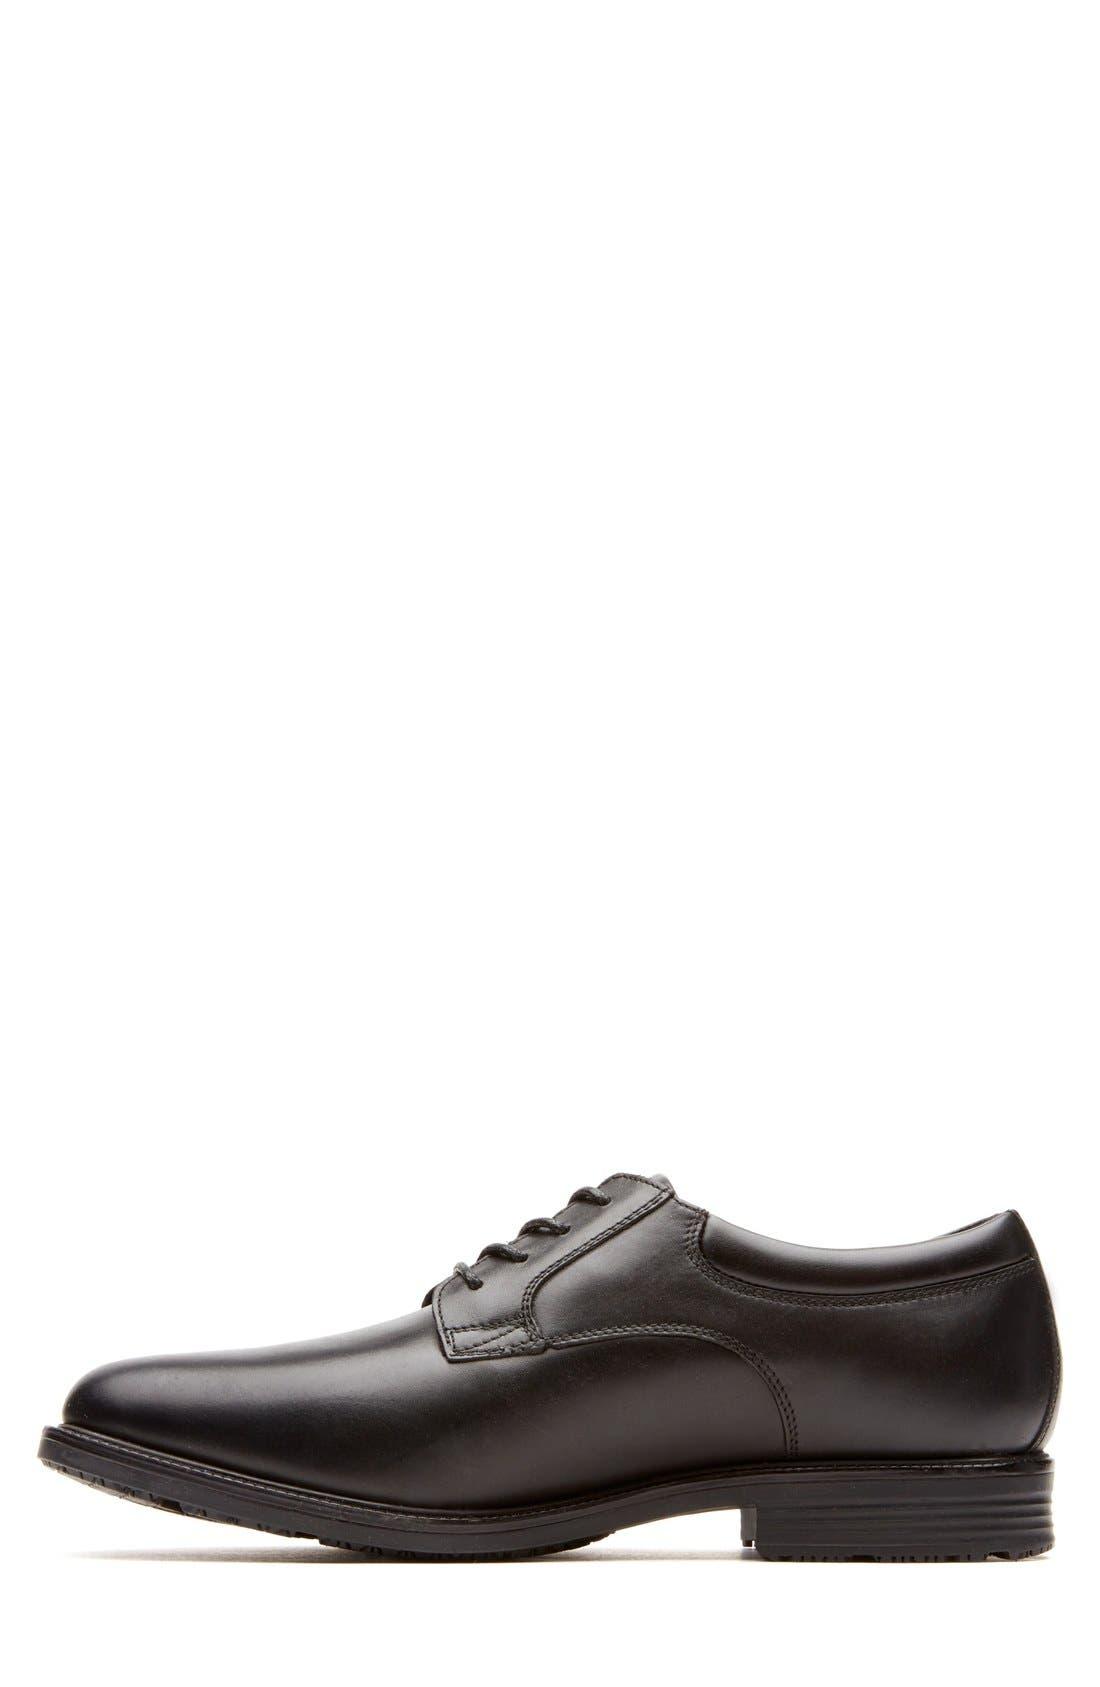 'Essential Details' Plain Toe Derby,                             Alternate thumbnail 4, color,                             BLACK